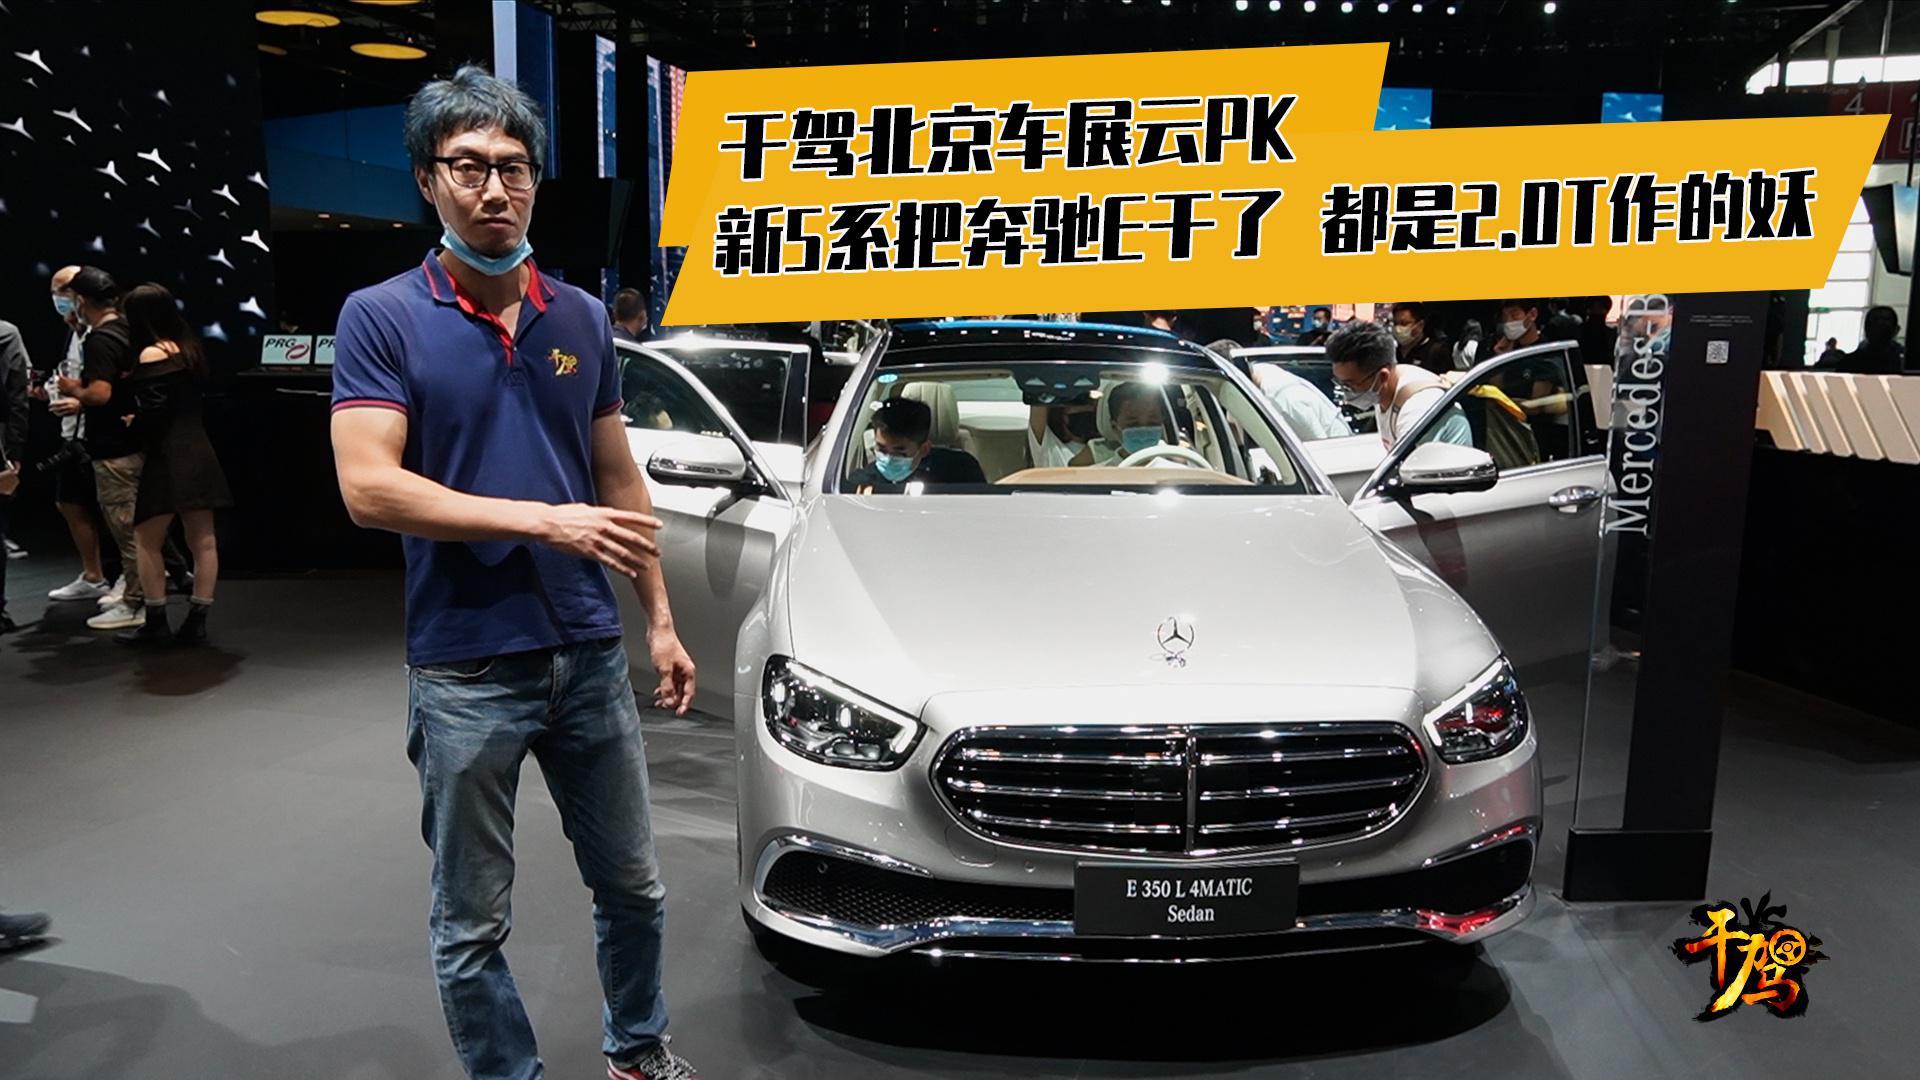 视频:【干驾】北京车展云PK,新5系把奔驰E干了,都是2.0T作的妖